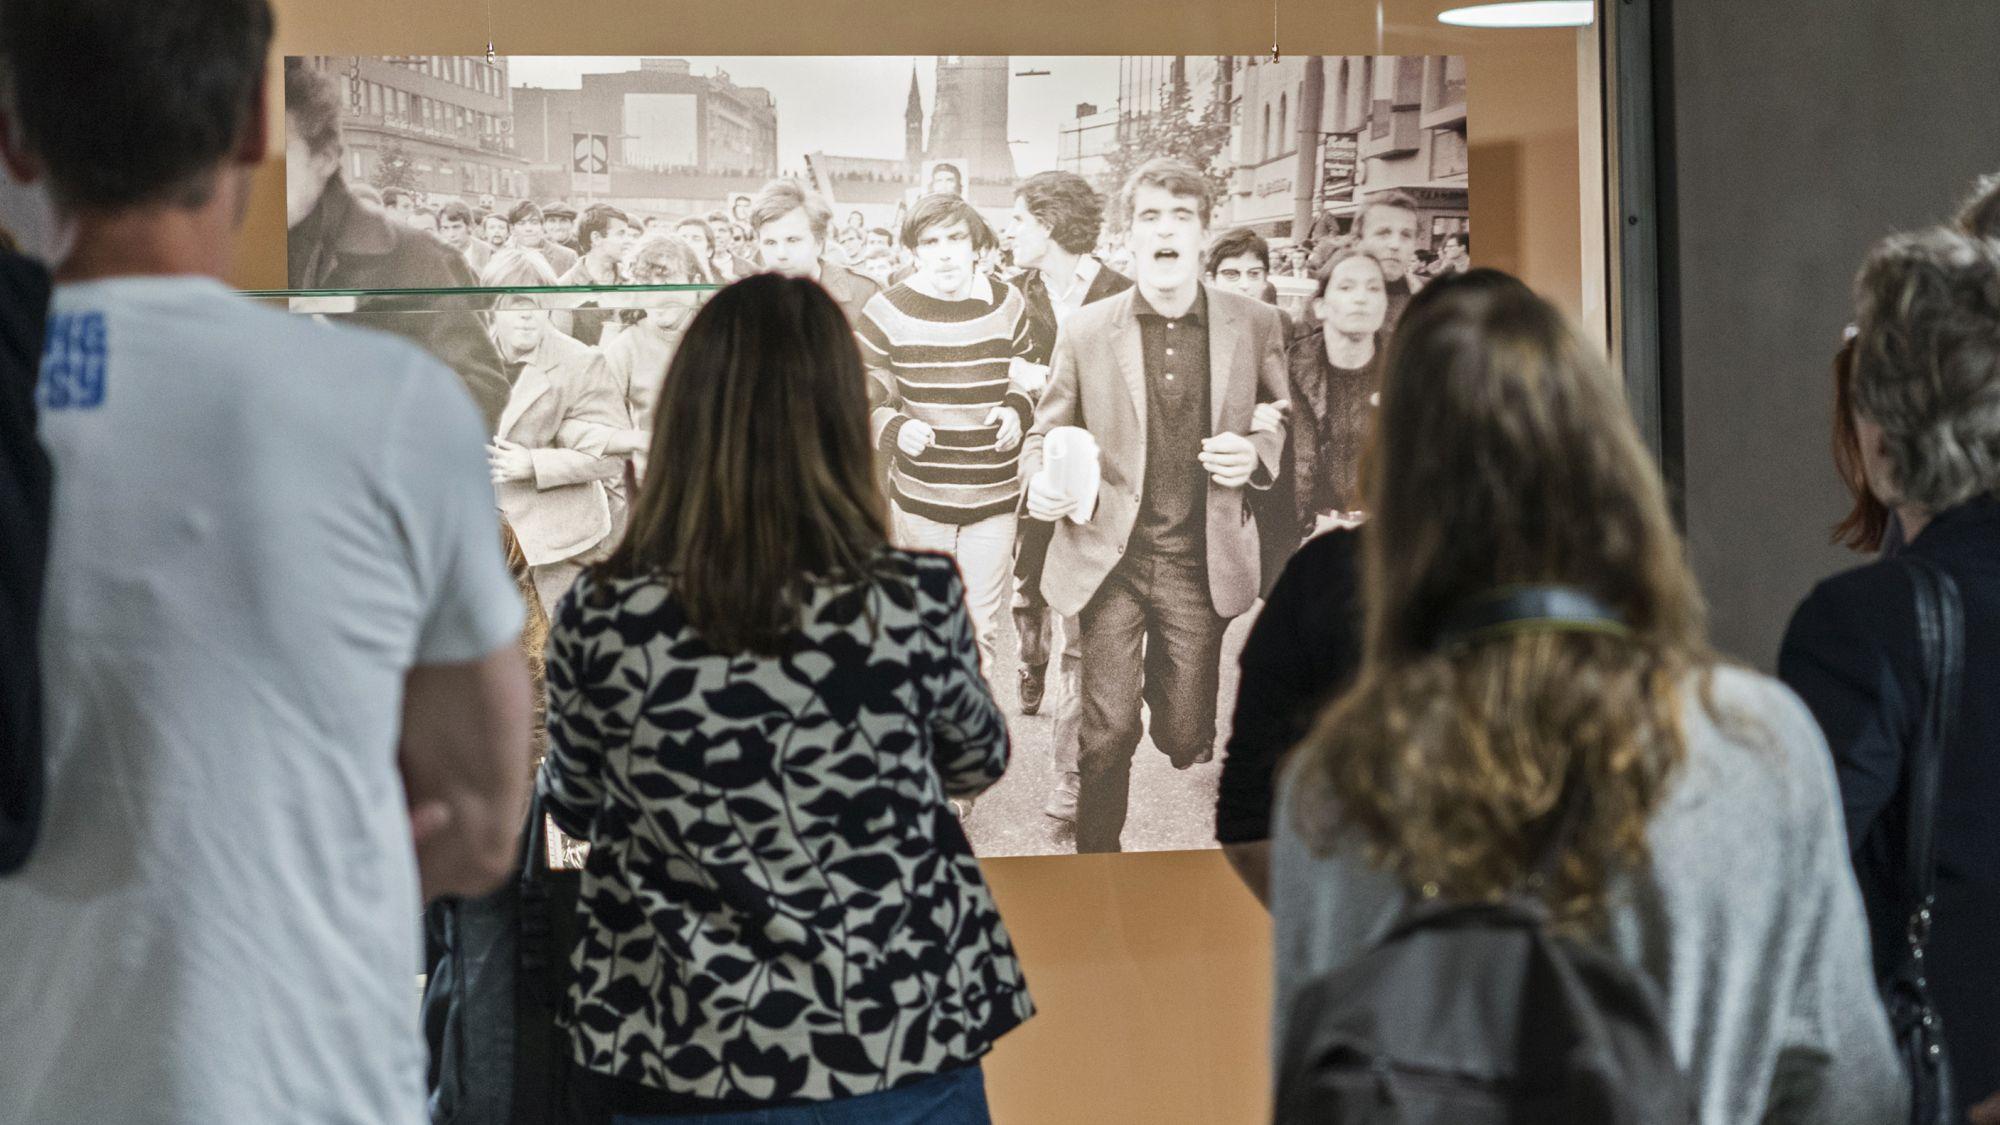 Besucherinnen und Besucher in der U-Bahn-Galerie